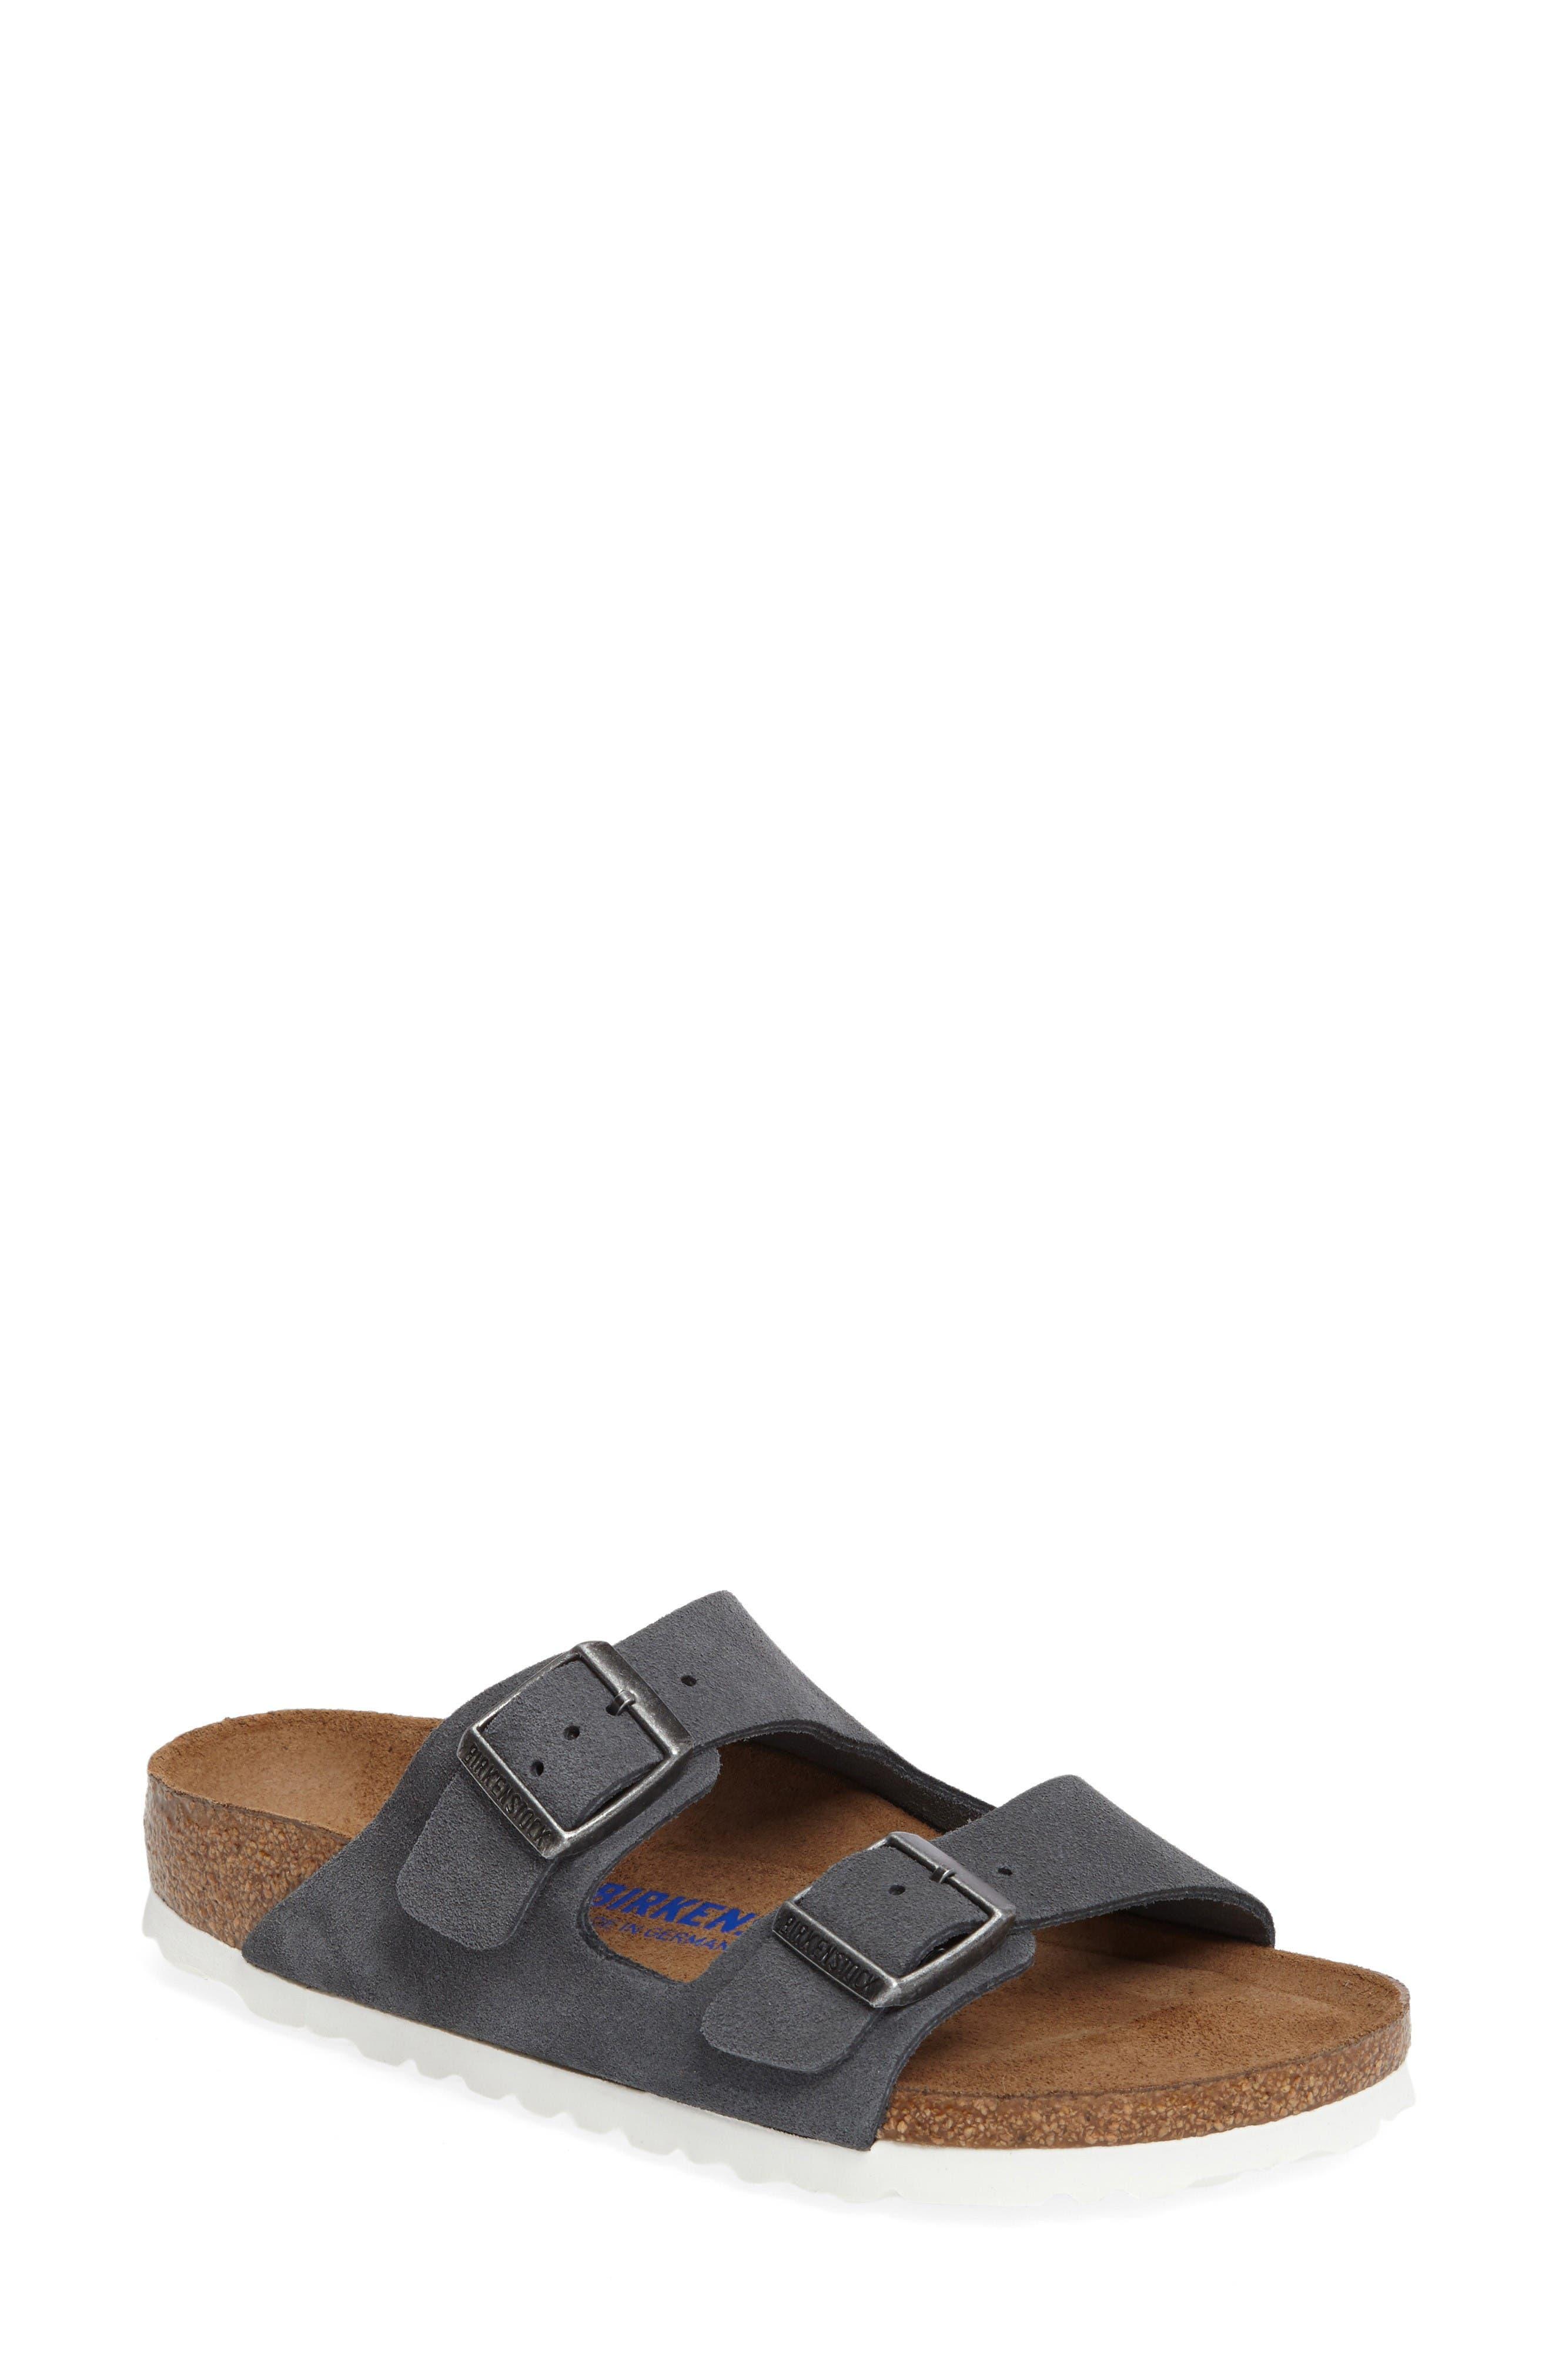 Alternate Image 1 Selected - Birkenstock Arizona Birko-Flor Soft Footbed Slide Sandal (Women)